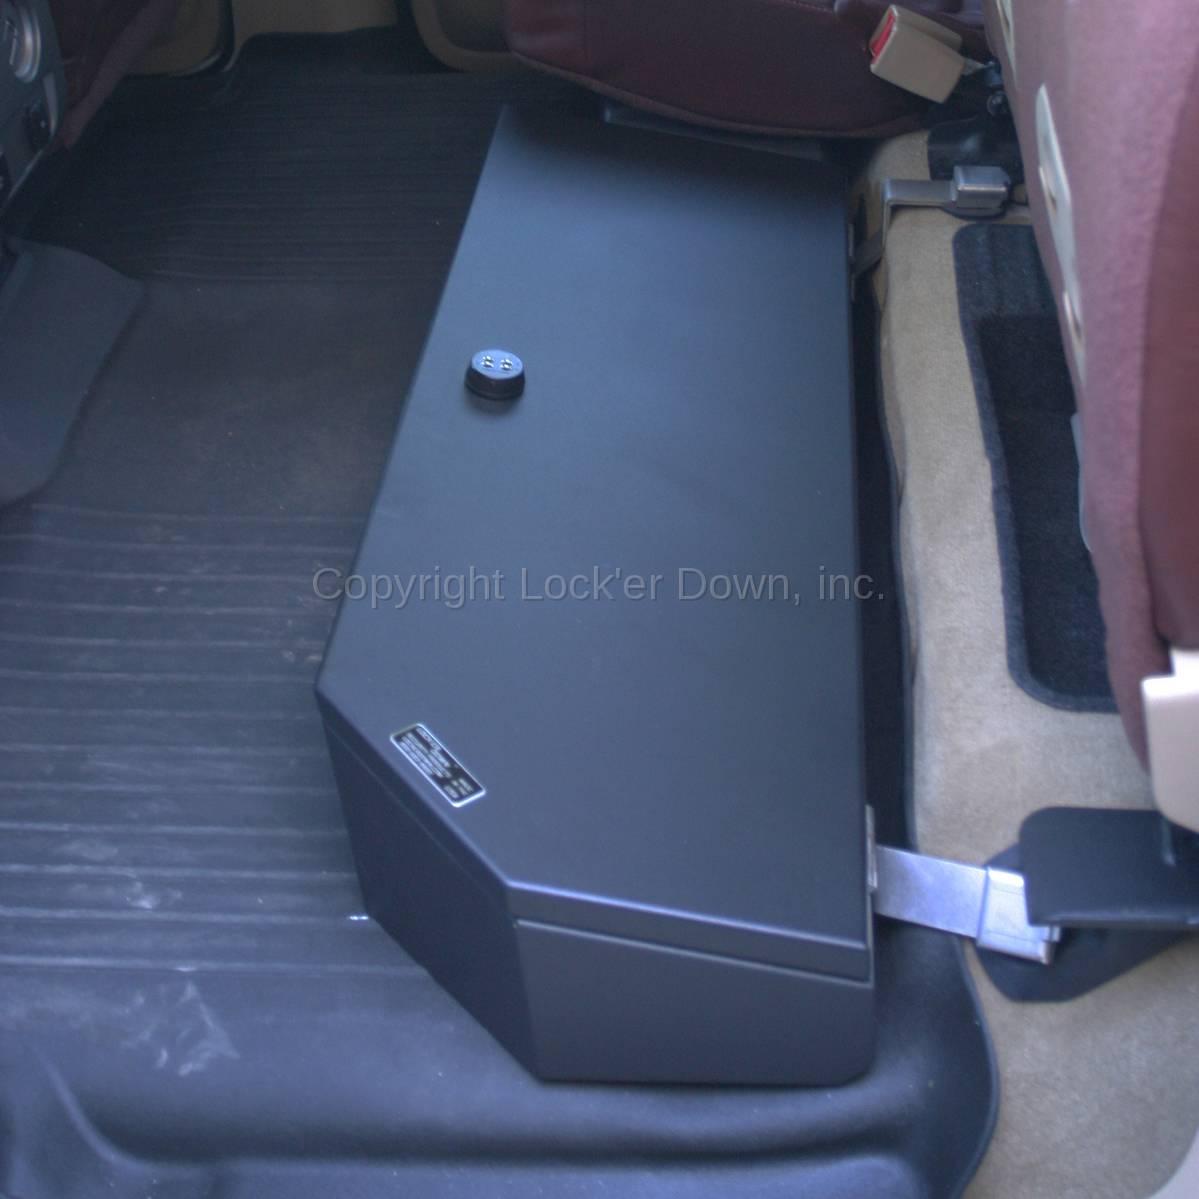 Suvault 174 2009 2018 F150 Crew Cab Under Seat Long Gun Safe